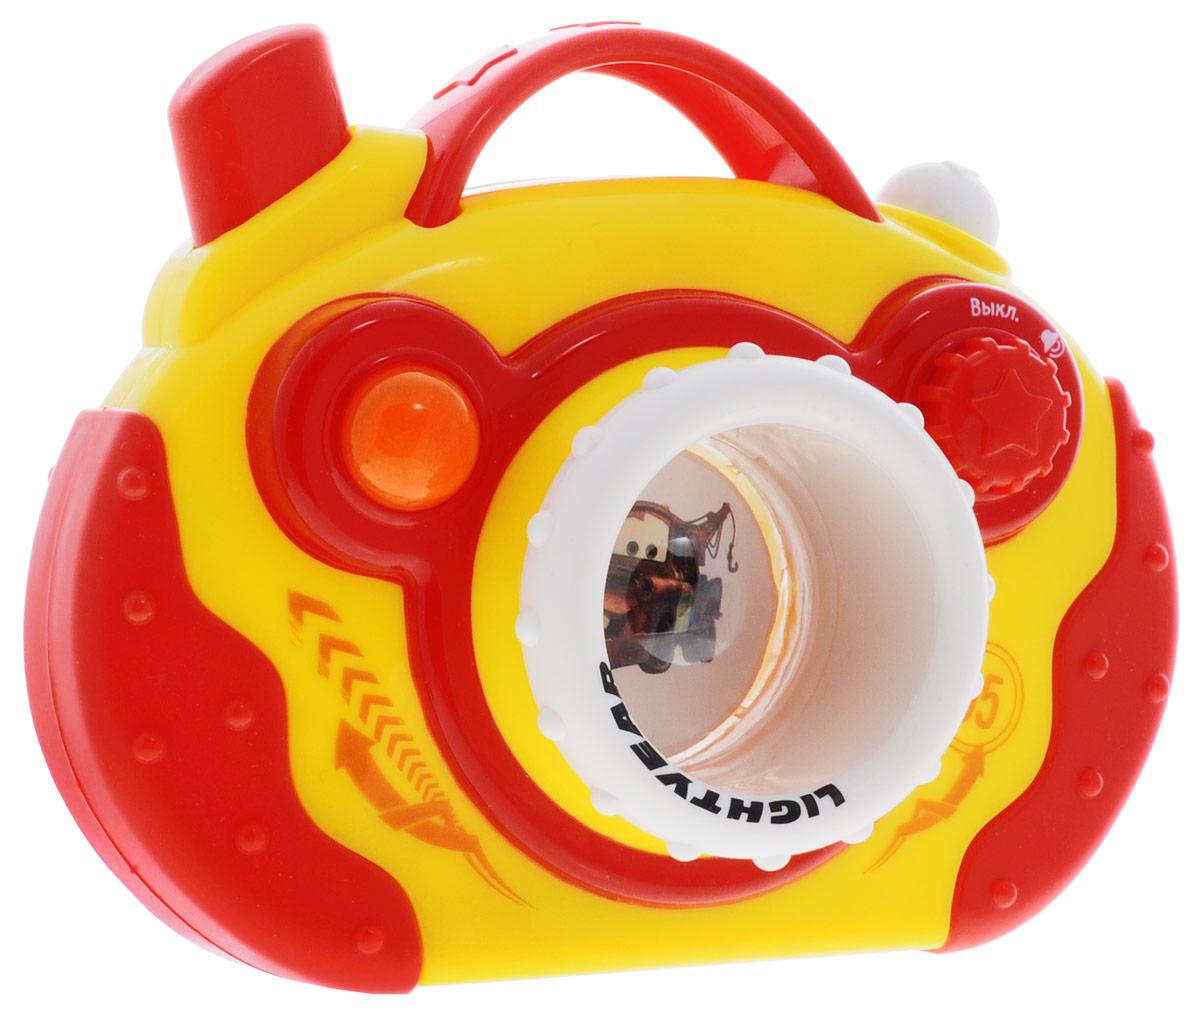 Умка Развивающая игрушка Фотоаппарат ТачкиB922837-RФотоаппарат Умка Тачки обязательно придется по душе вашему малышу! В игрушке есть все элементы фотоаппарата: подвижный объектив, затвор, вспышка и даже возможность просмотра фото. Удобная форма, размер и подвижные элементы способствуют развитию мелкой моторики, хватательного рефлекса и укреплению мышц рук. Песенка героев сделает игрушку еще более привлекательной для ребенка. Для работы игрушки необходимы 2 батарейки напряжением 1,5V типа ААА (не входят в комплект).